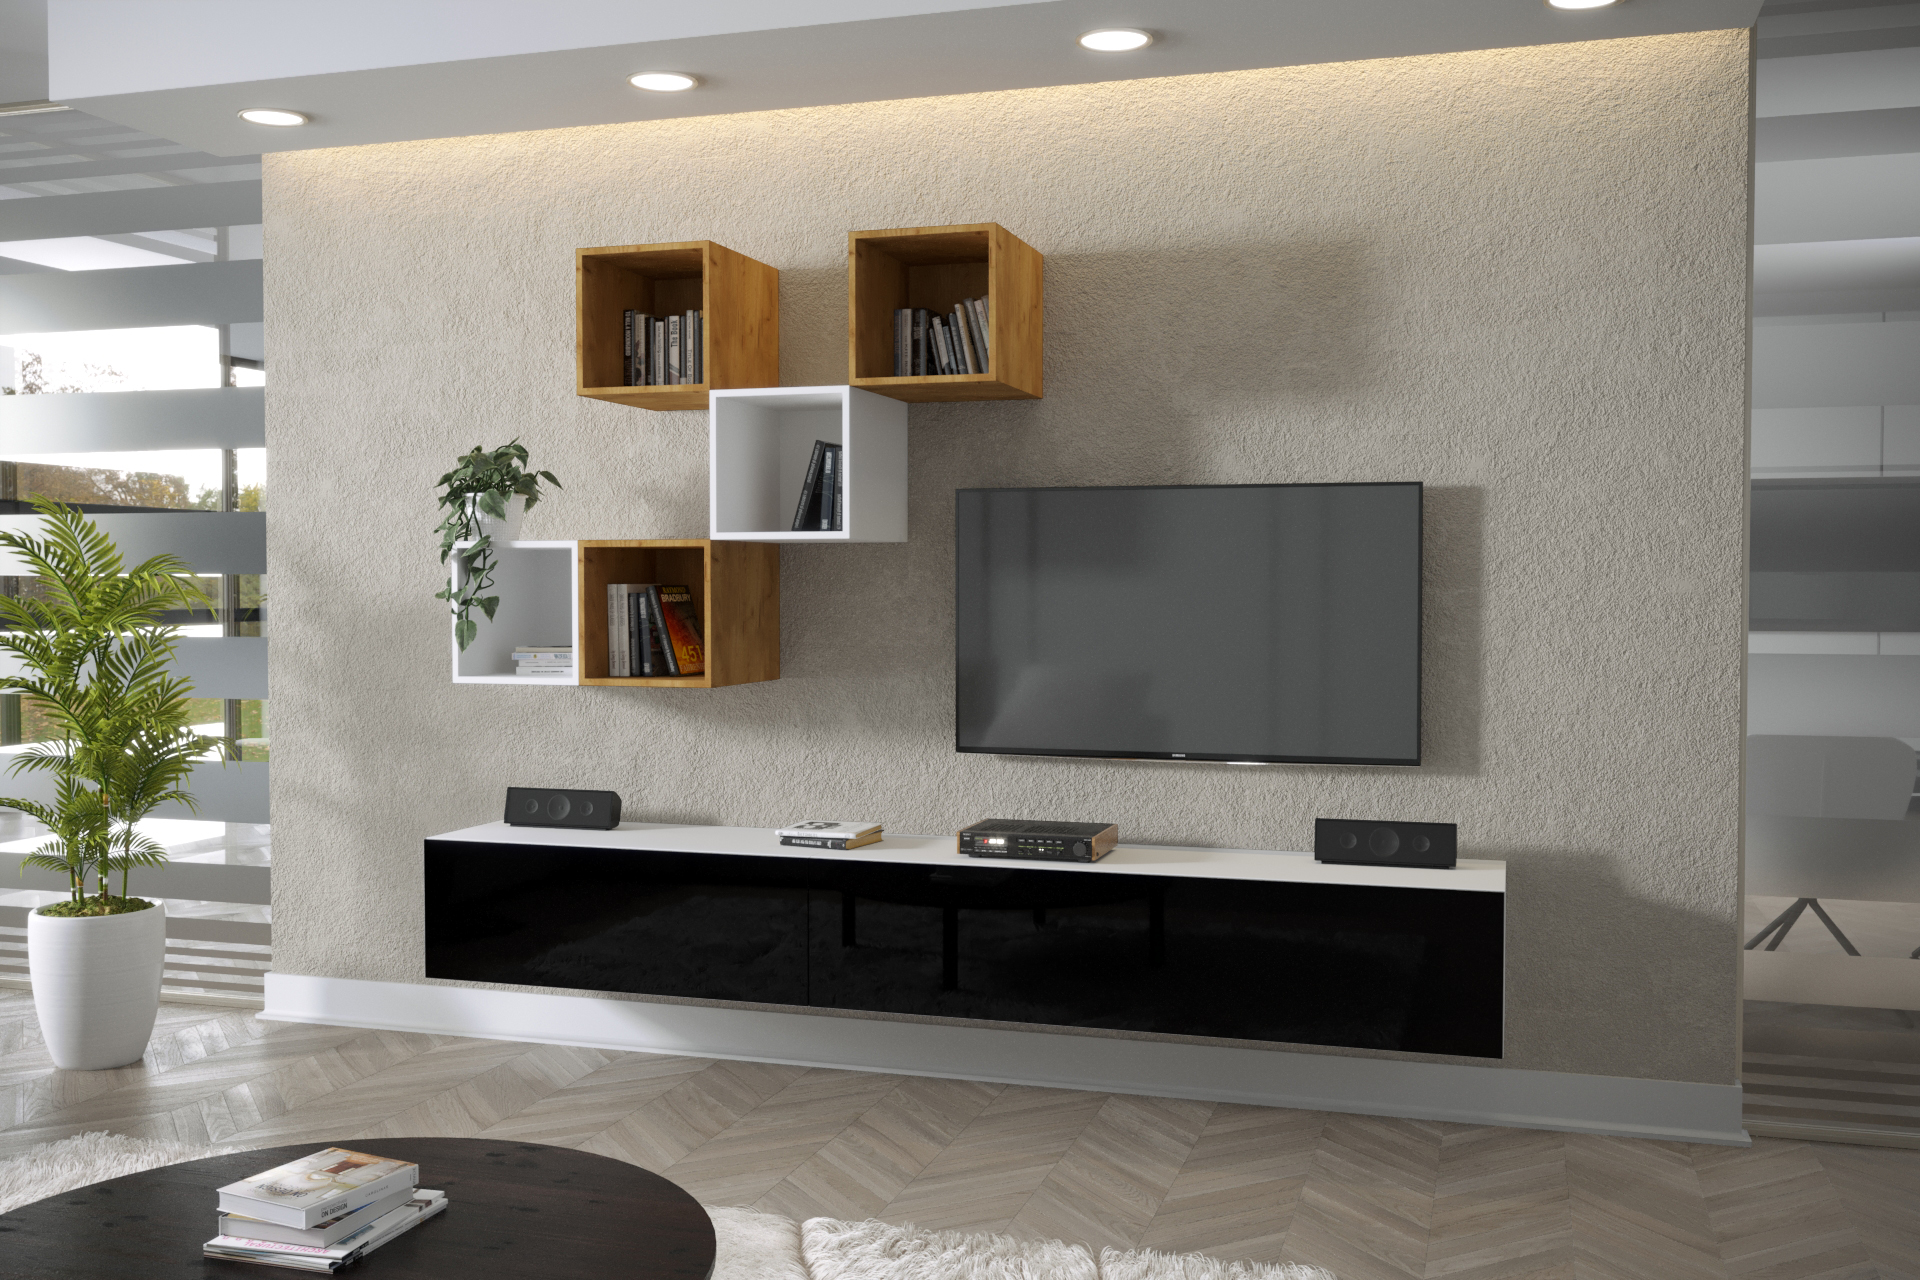 Moderní bytový nábytek Premio J